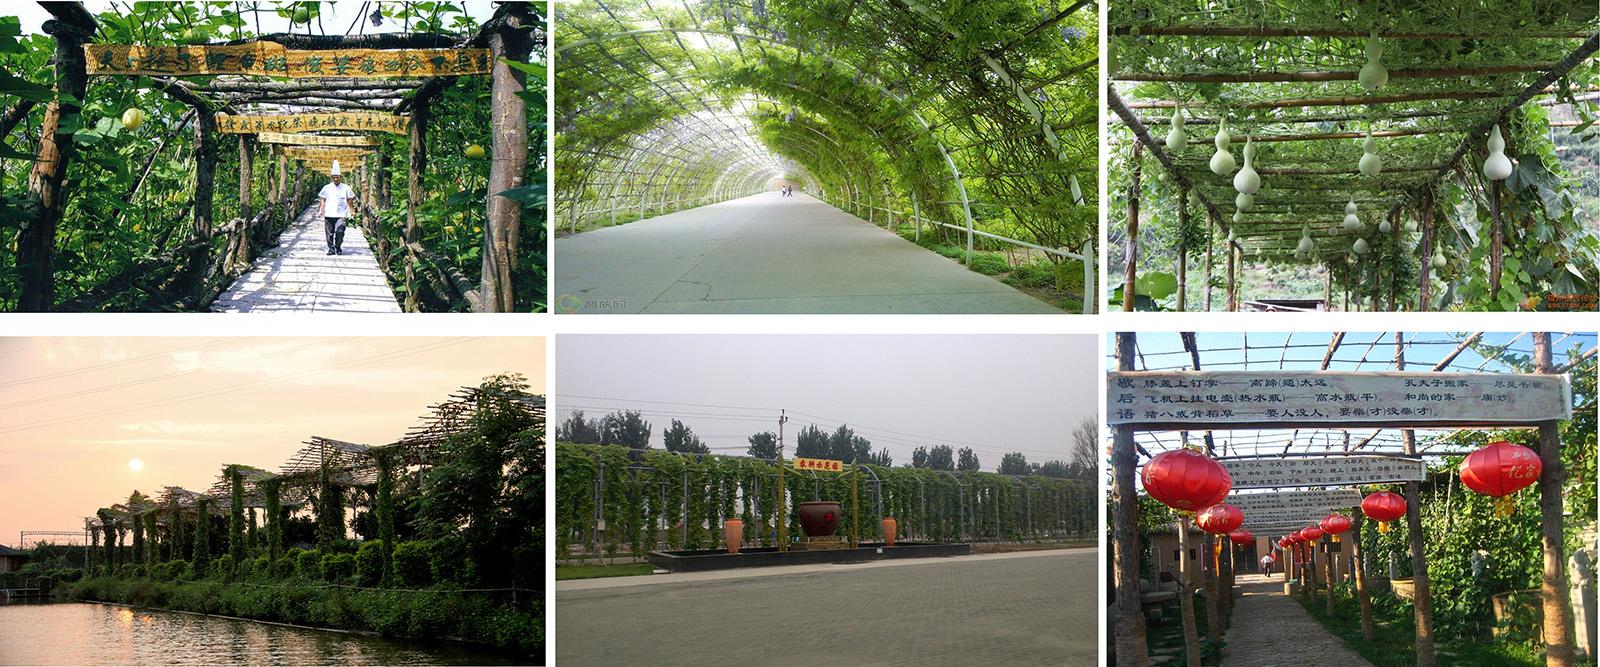 云南安宁佳禾休闲生态庄园景观工程庄园绿色长廊